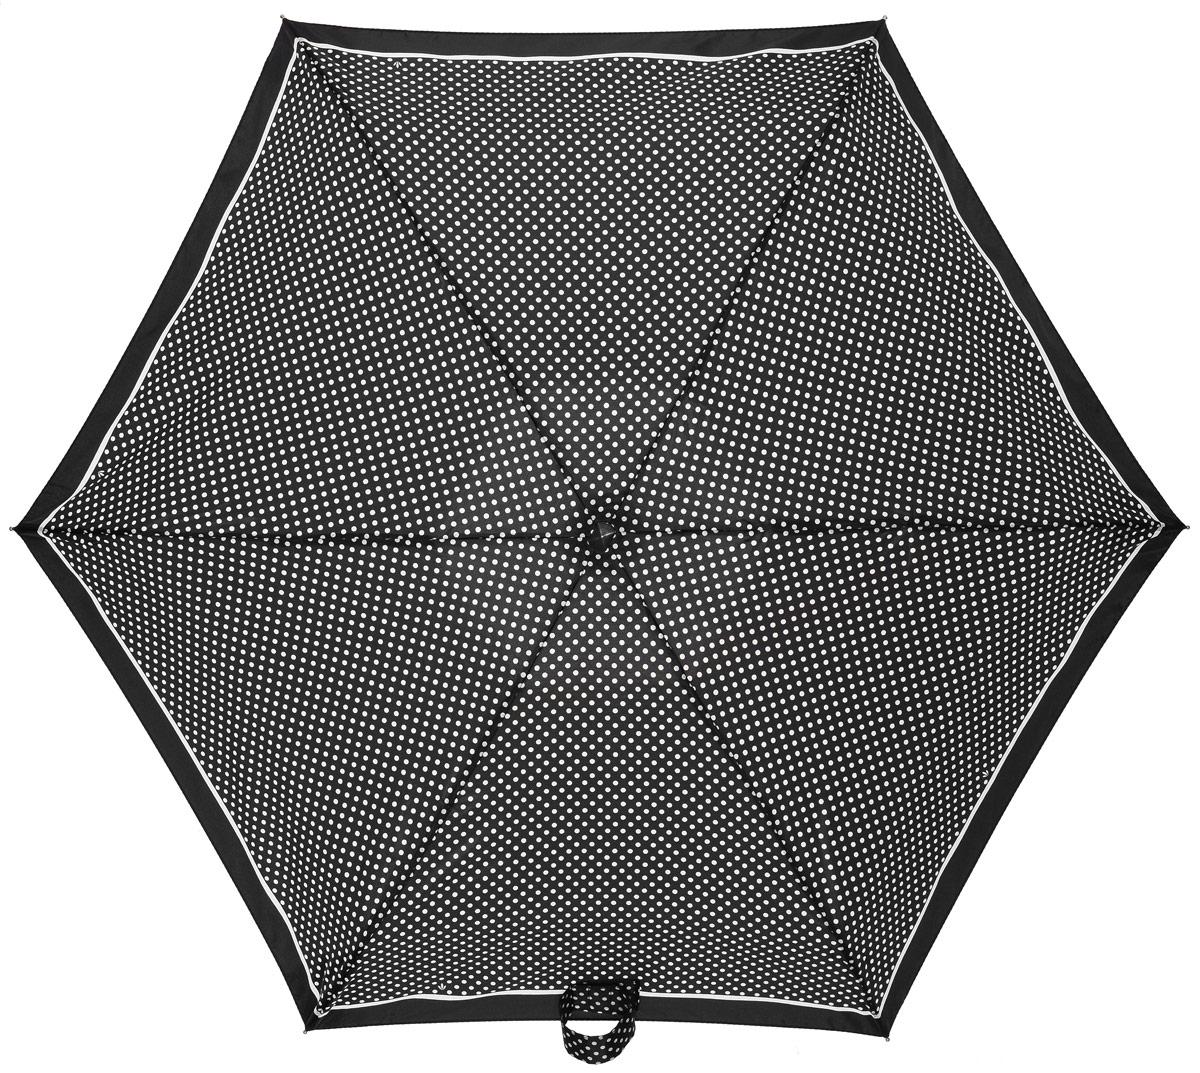 Зонт женский Fulton, механический, 5 сложений, цвет: черный, белый. L501-2248K60K603557_0130Компактный женский зонт Fulton выполнен из металла и пластика.Каркас зонта выполнен из шести спиц на прочном алюминиевом стержне. Купол зонта изготовлен из прочного полиэстера. Закрытый купол застегивается на хлястик с липучкой. Практичная рукоятка закругленной формы разработана с учетом требований эргономики и выполнена из каучука.Зонт складывается и раскладывается механическим способом.Зонт дополнен легким плоским чехлом. Такая модель не только надежно защитит от дождя, но и станет стильным аксессуаром.